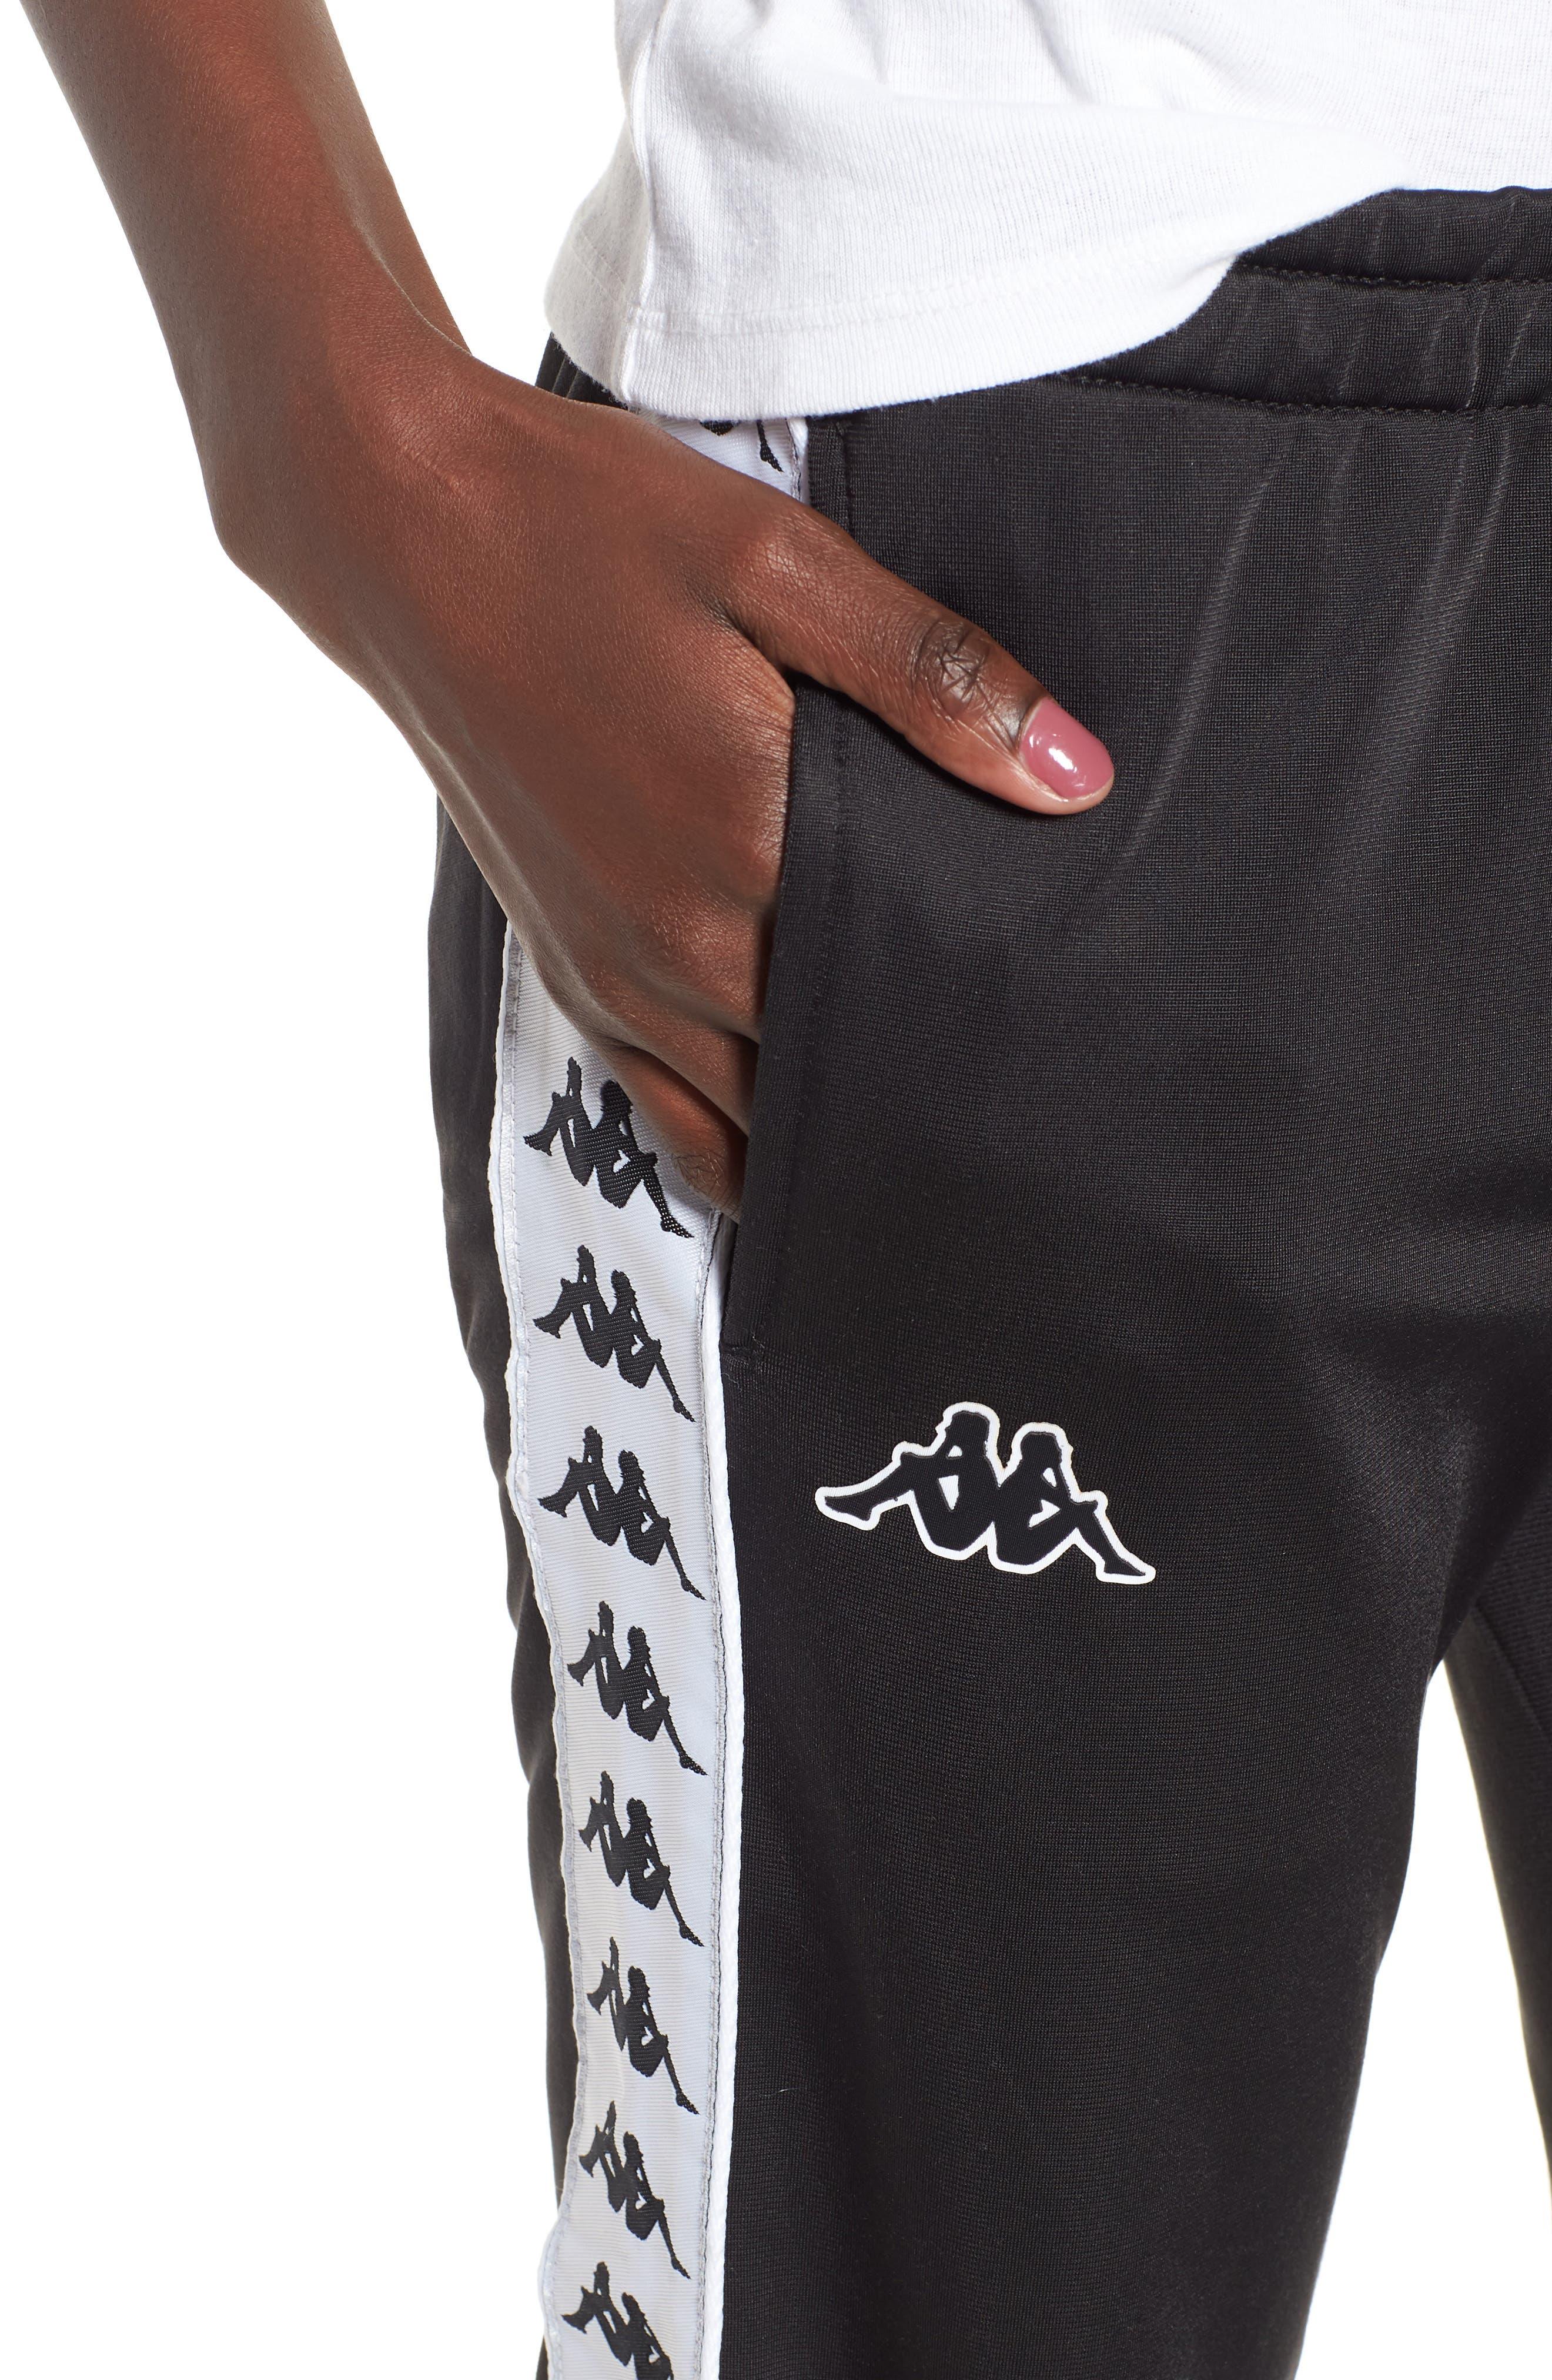 Banda Pants,                             Alternate thumbnail 4, color,                             Black/ White